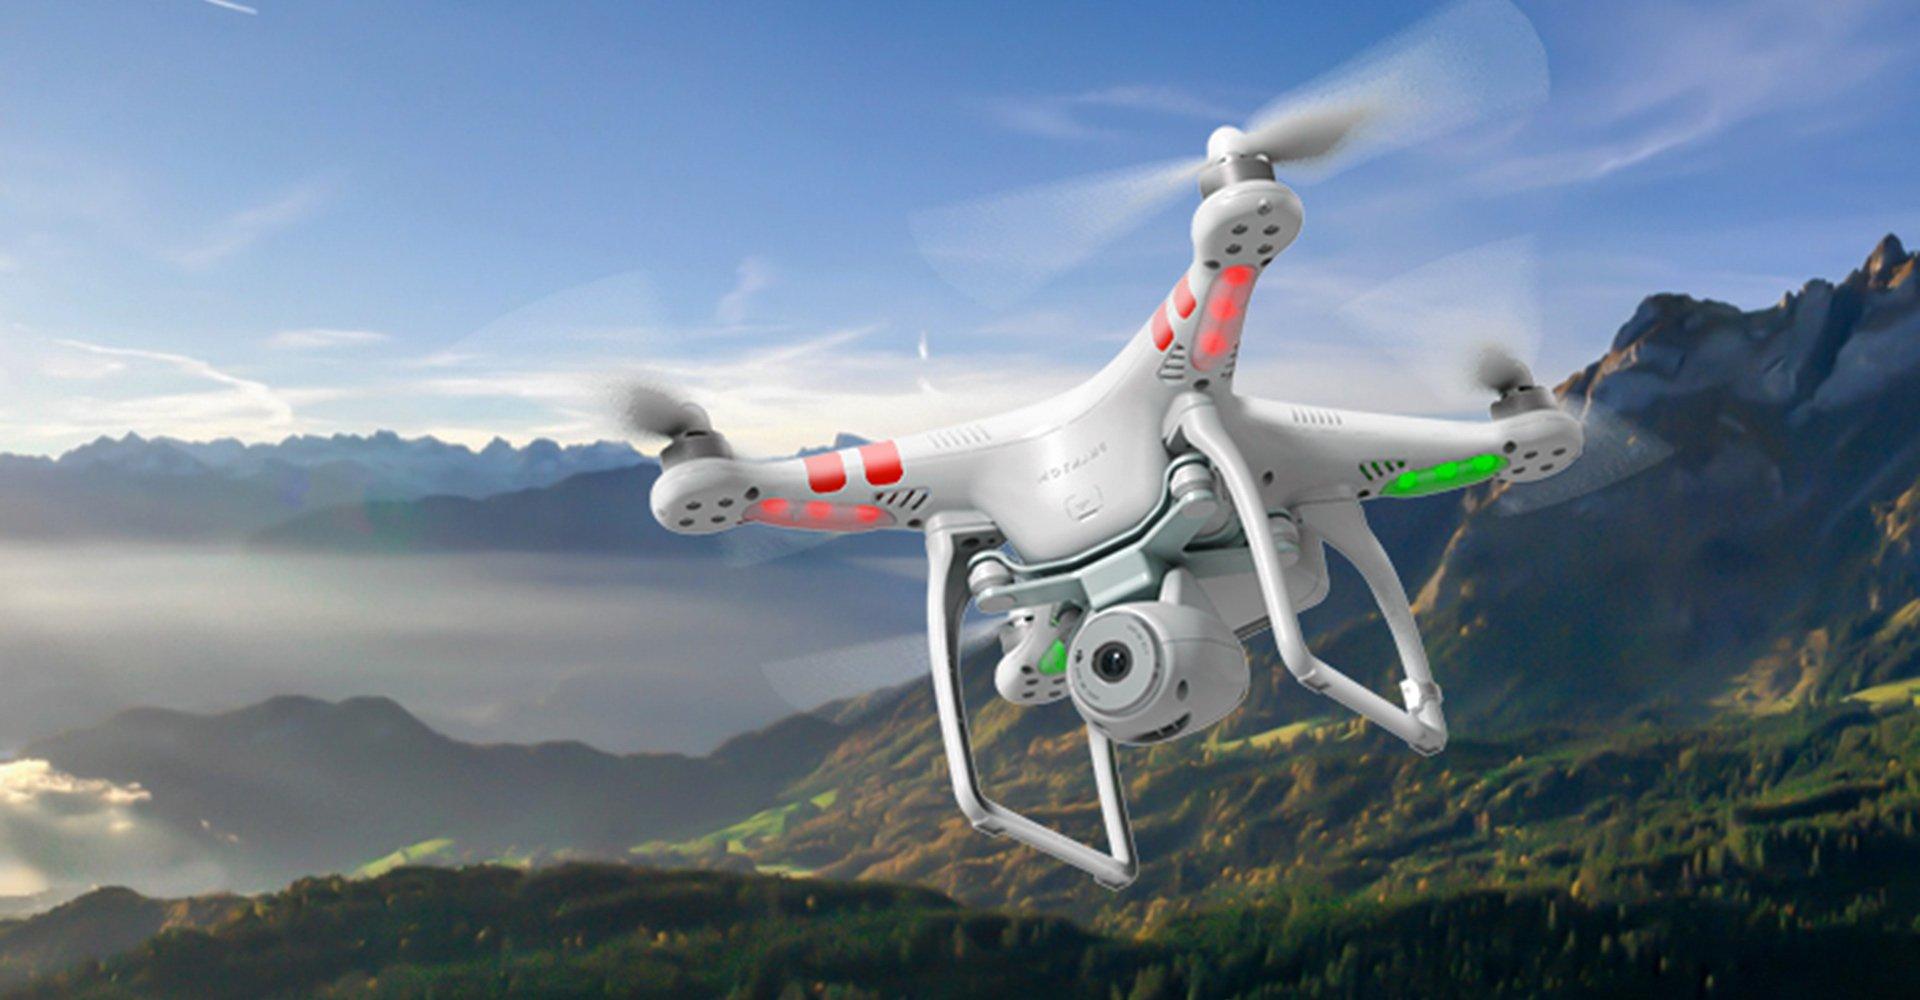 ispolzovanie-dronov2